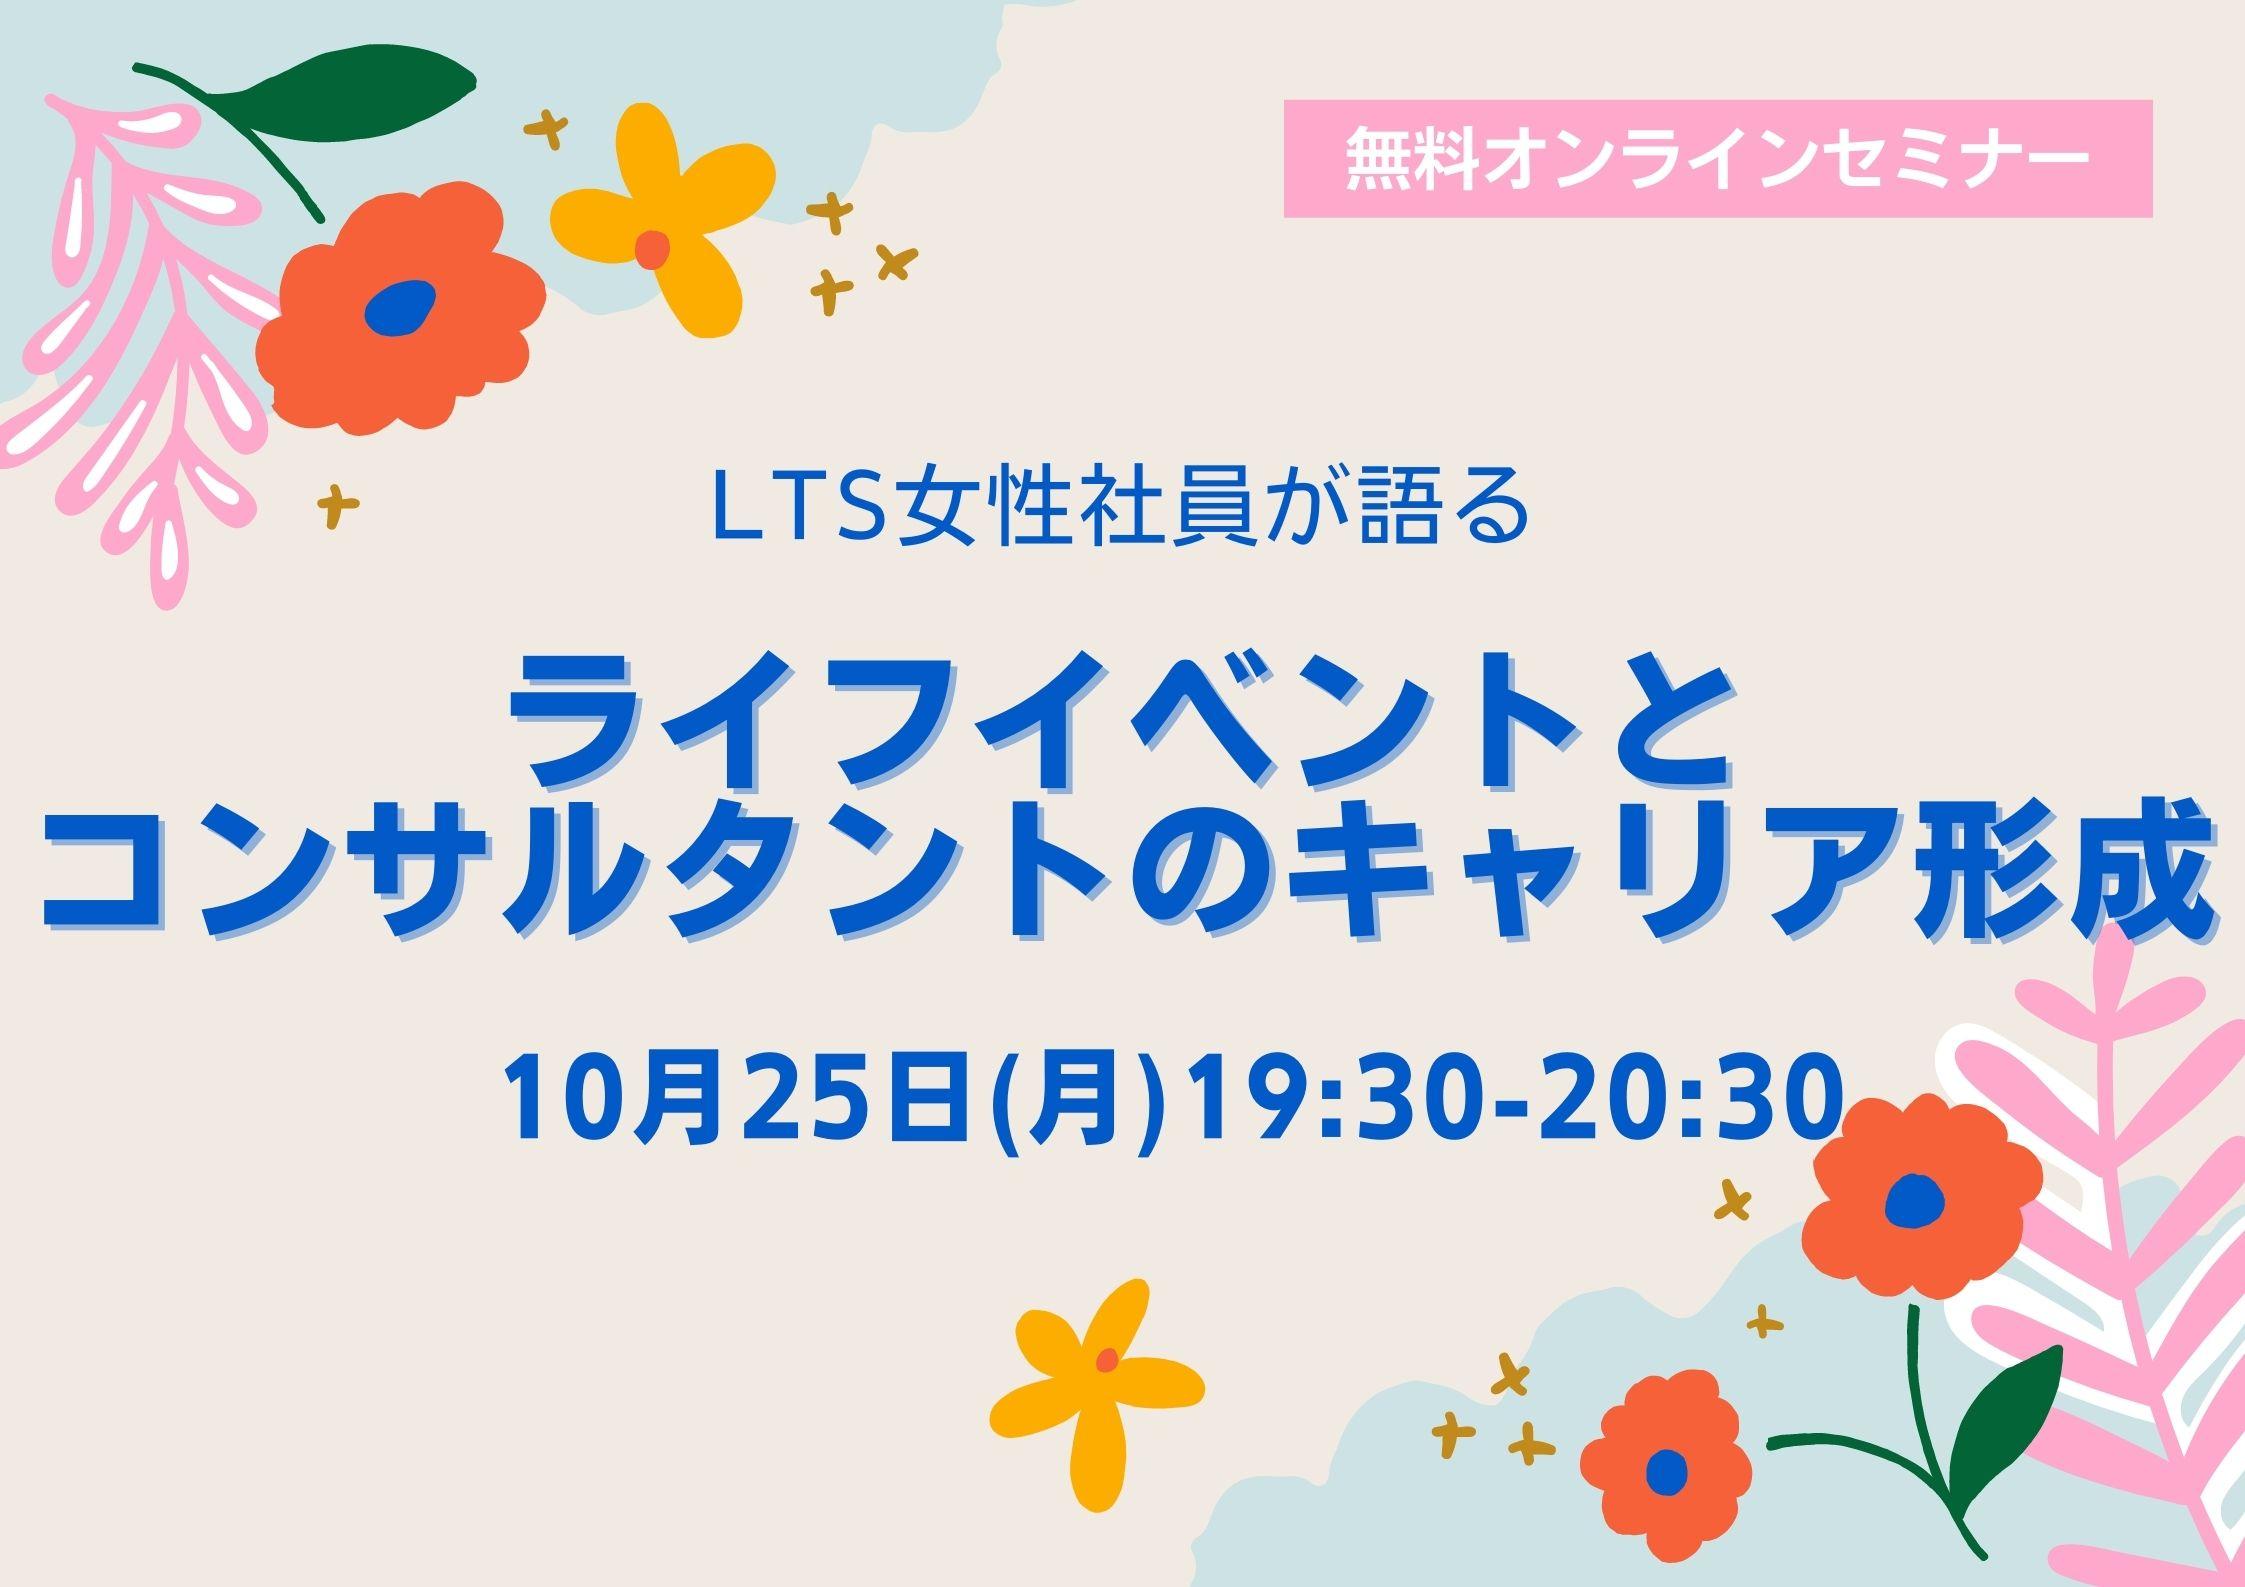 LTS女性社員が語る ライフイベントとコンサルタントとしてのキャリア形成セミナー